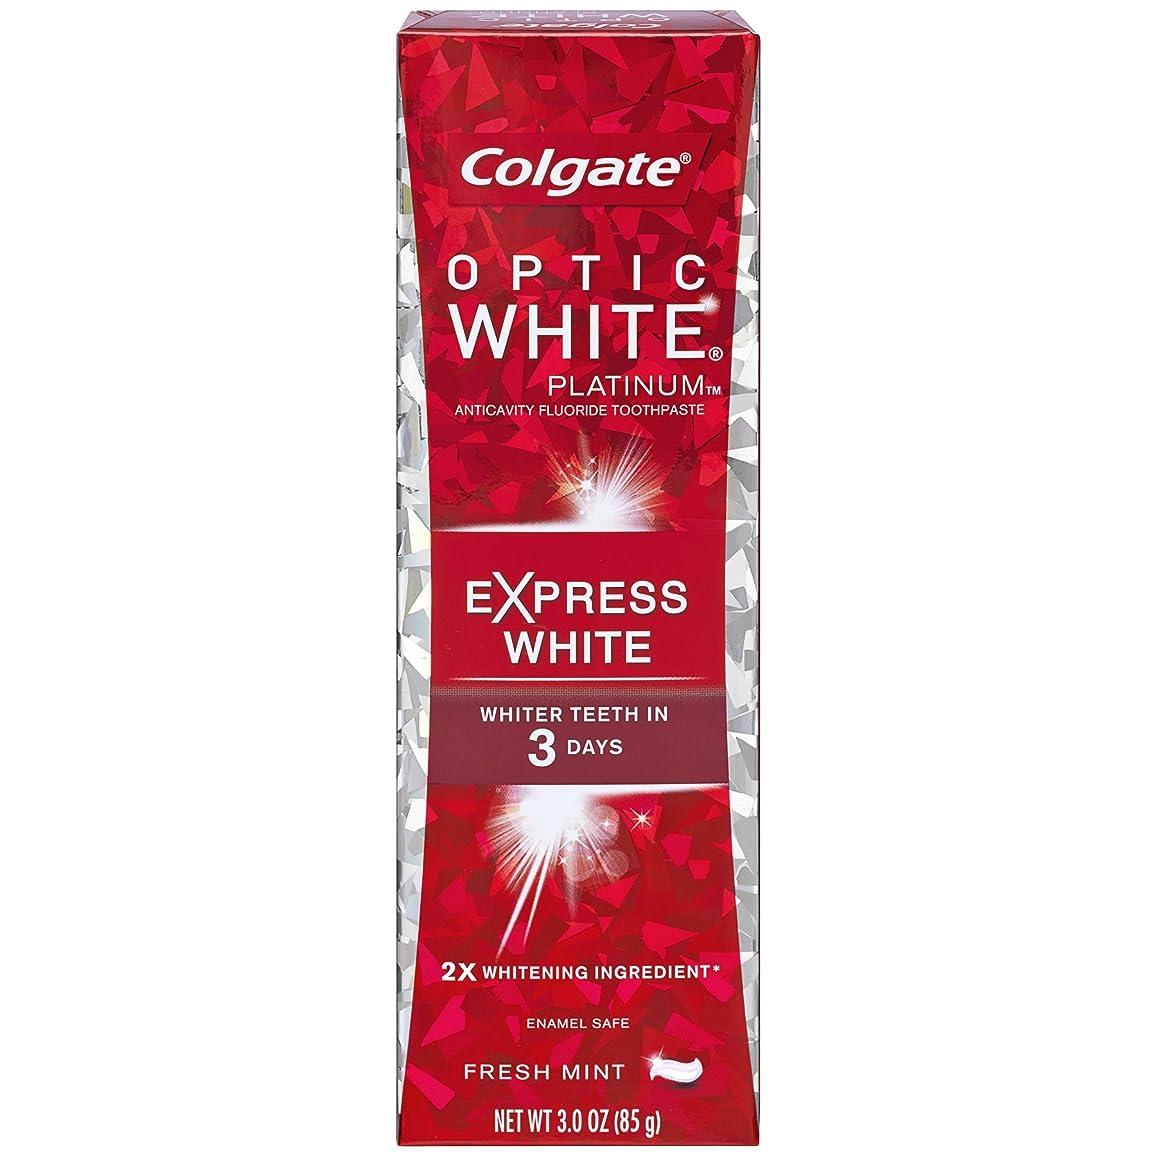 高速道路くるみ無法者コルゲート 歯みがき粉 オプティック ホワイト 3Days エクスプレス ホワイト